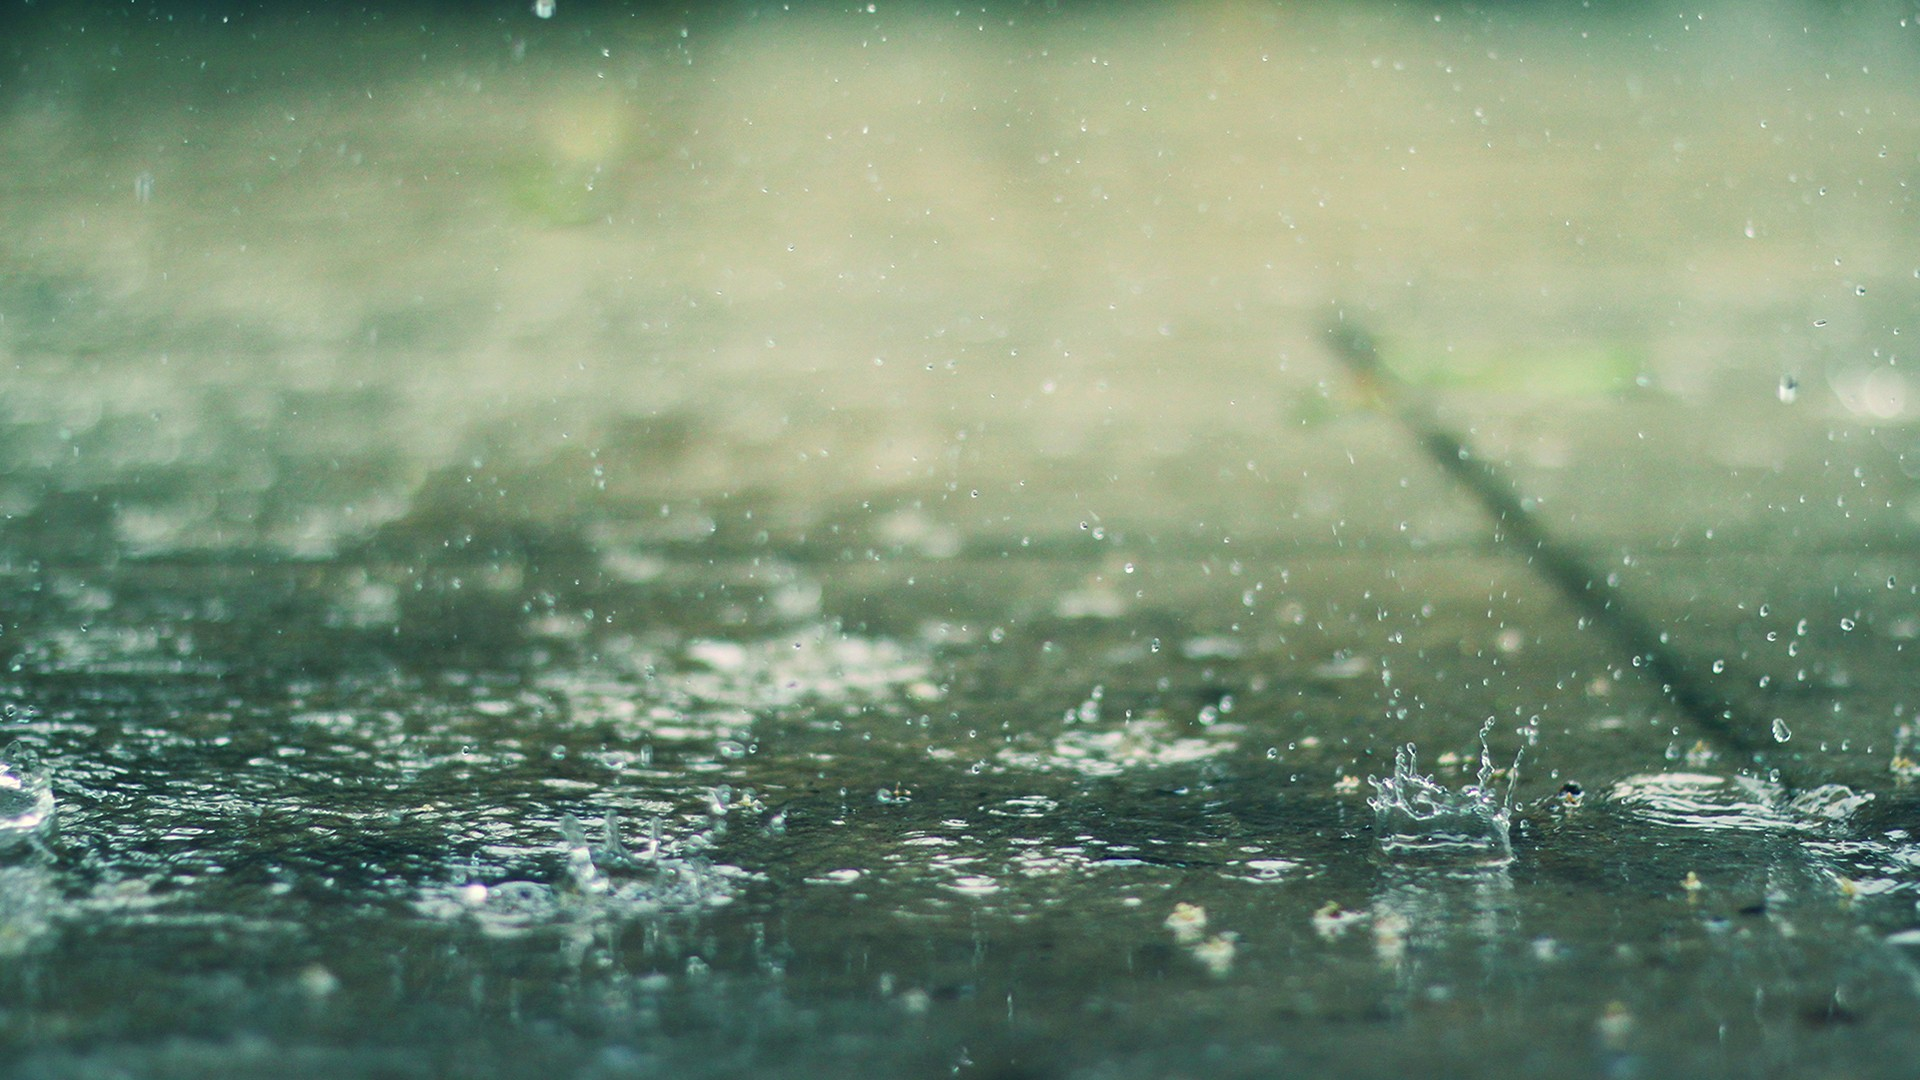 hình mưa đẹp nhất